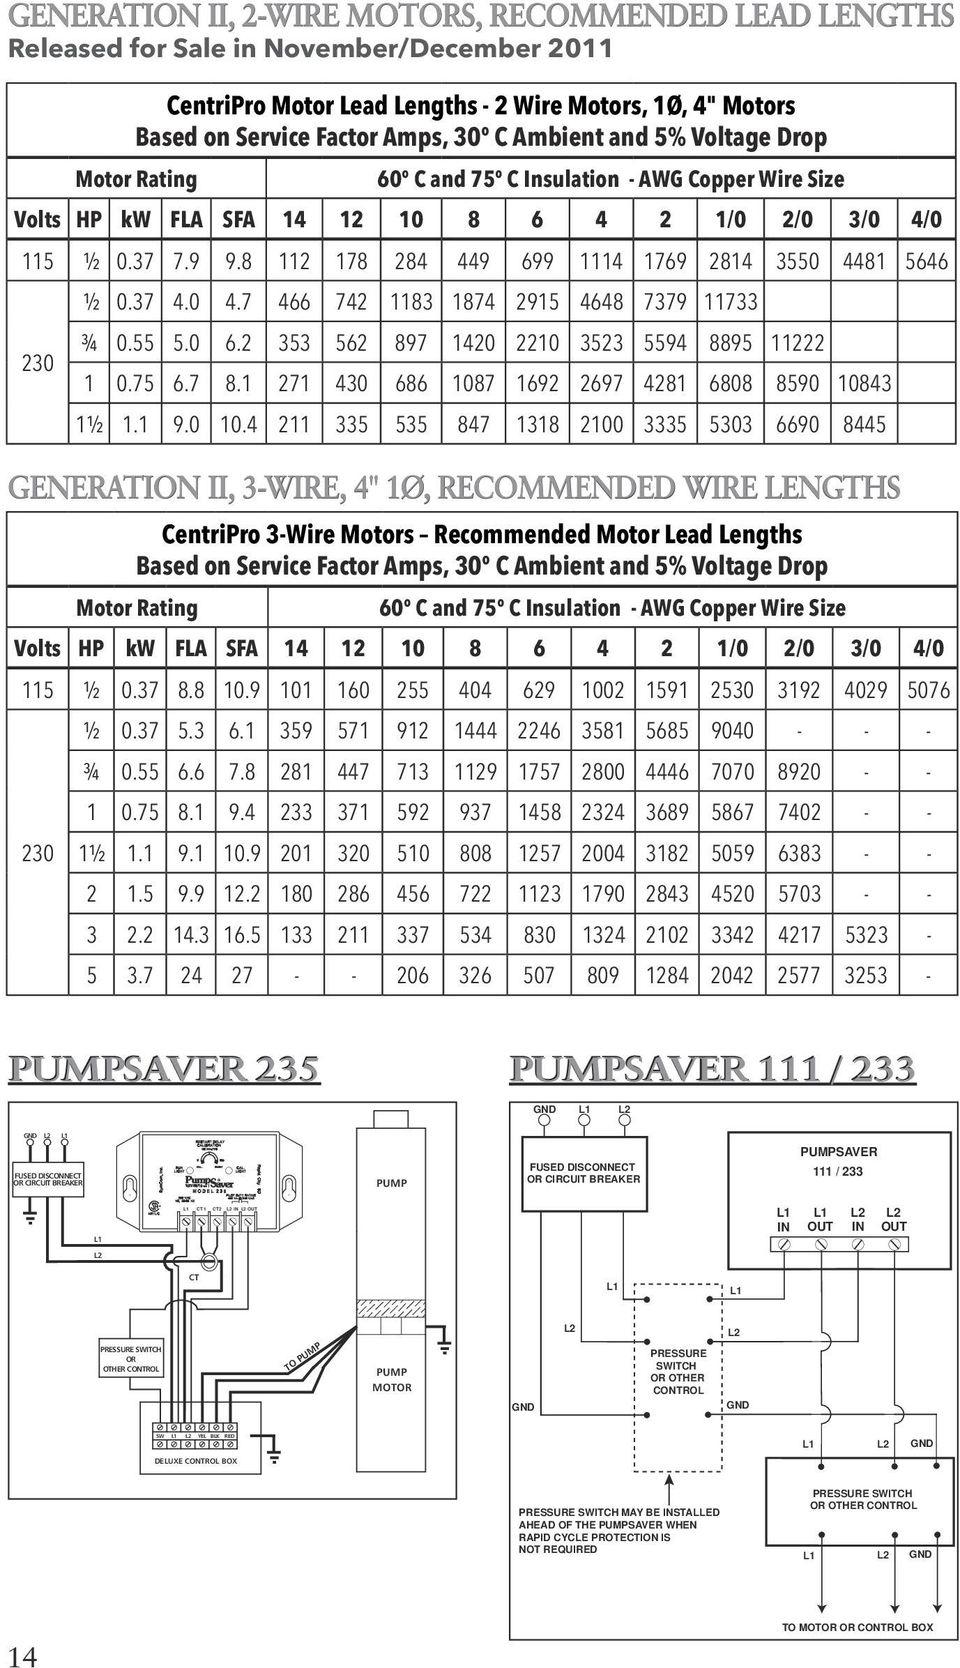 medium resolution of siga ct1 wiring diagram siga ct1 wiring diagram new siga ct1 wiring diagram siga io